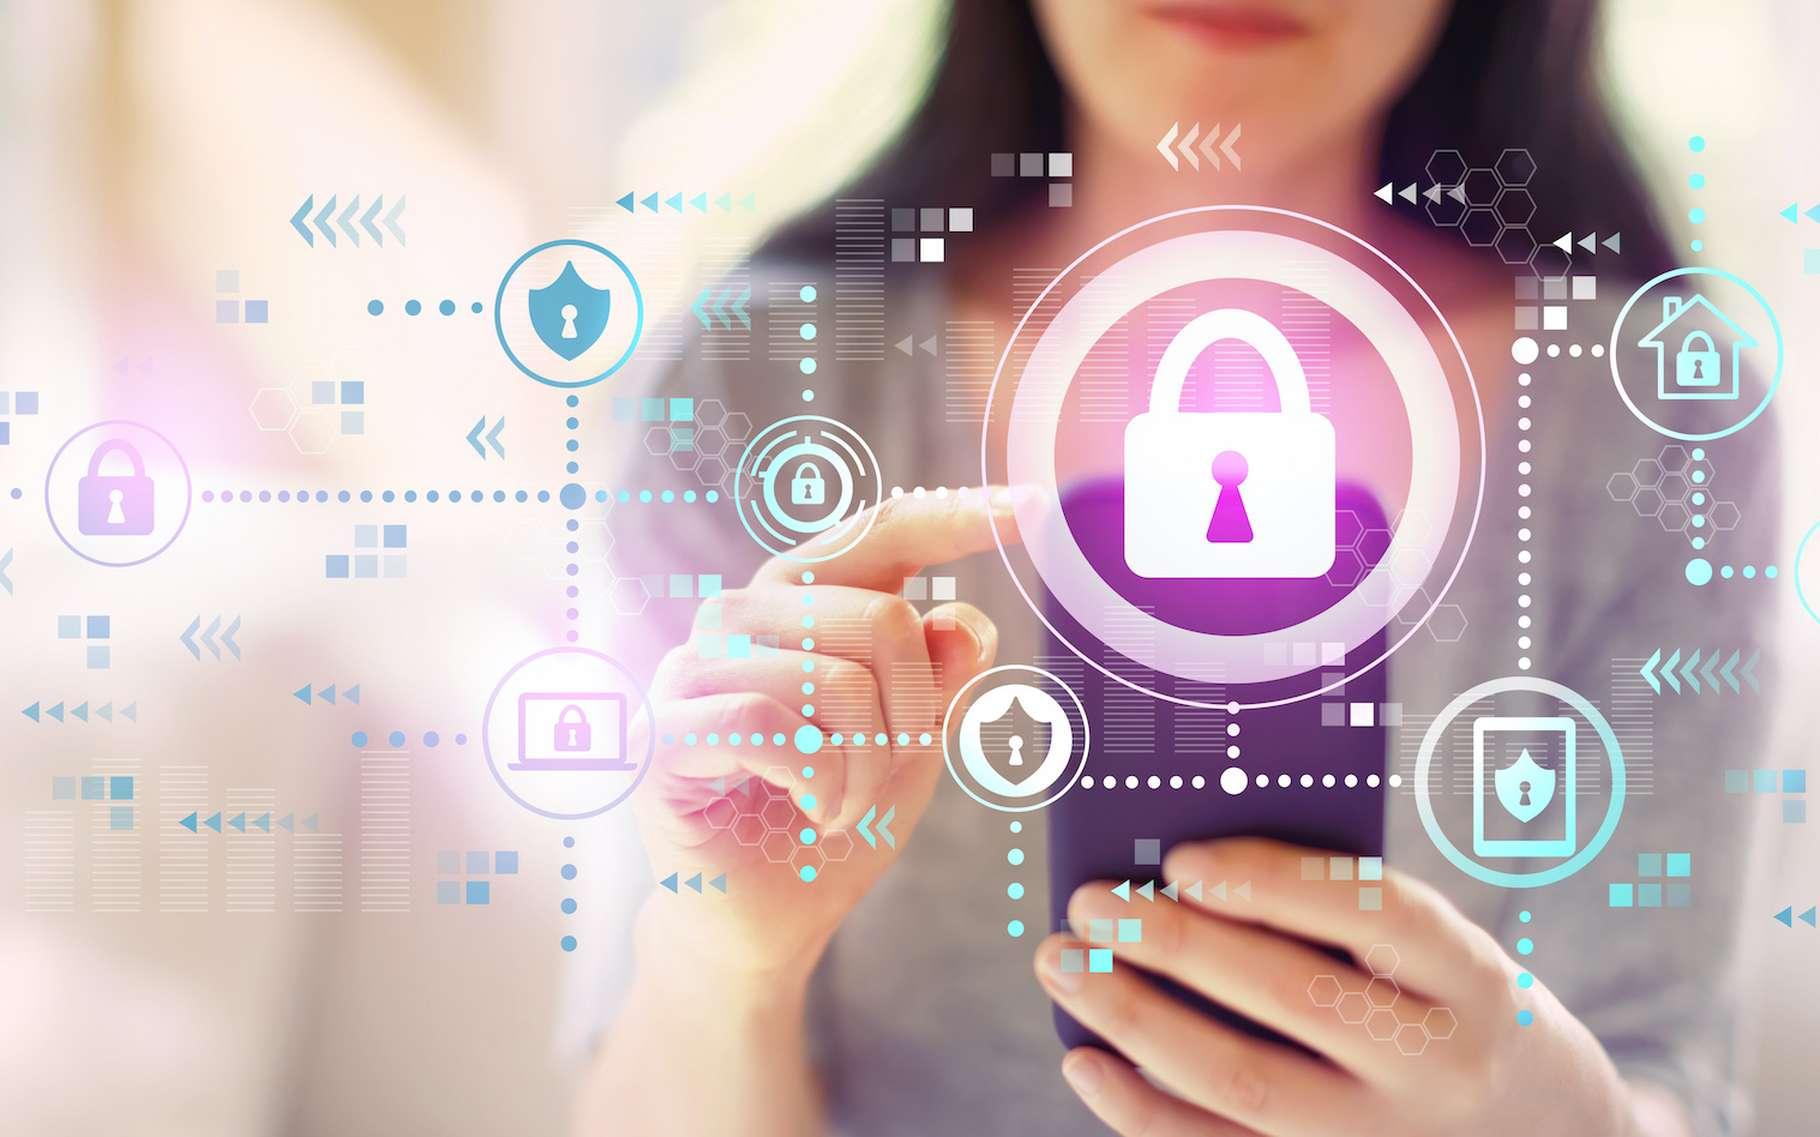 Un simple numéro de téléphone peut permettre de pirater un comple, mais à deux conditions : être très malveillant et récupérer rapidement l'ancien numéro de téléphone qui protégeait le compte par l'authentification à double facteur. © Tierney, Adobe Stock